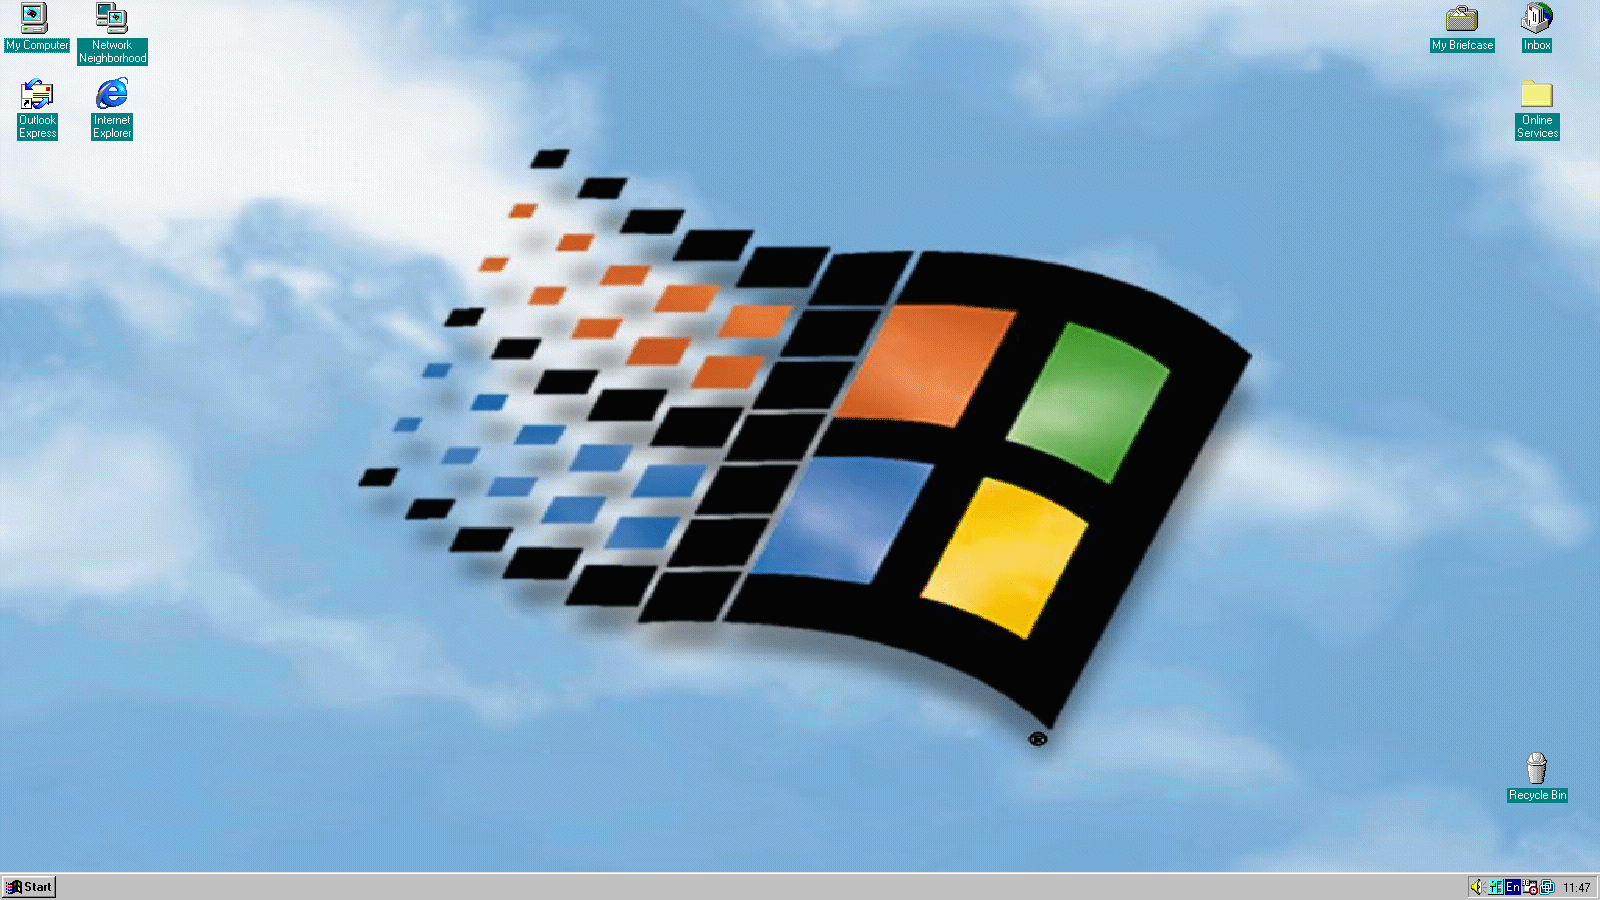 كيف تقوم بتشغيل ويندوز 95 على المتصفح